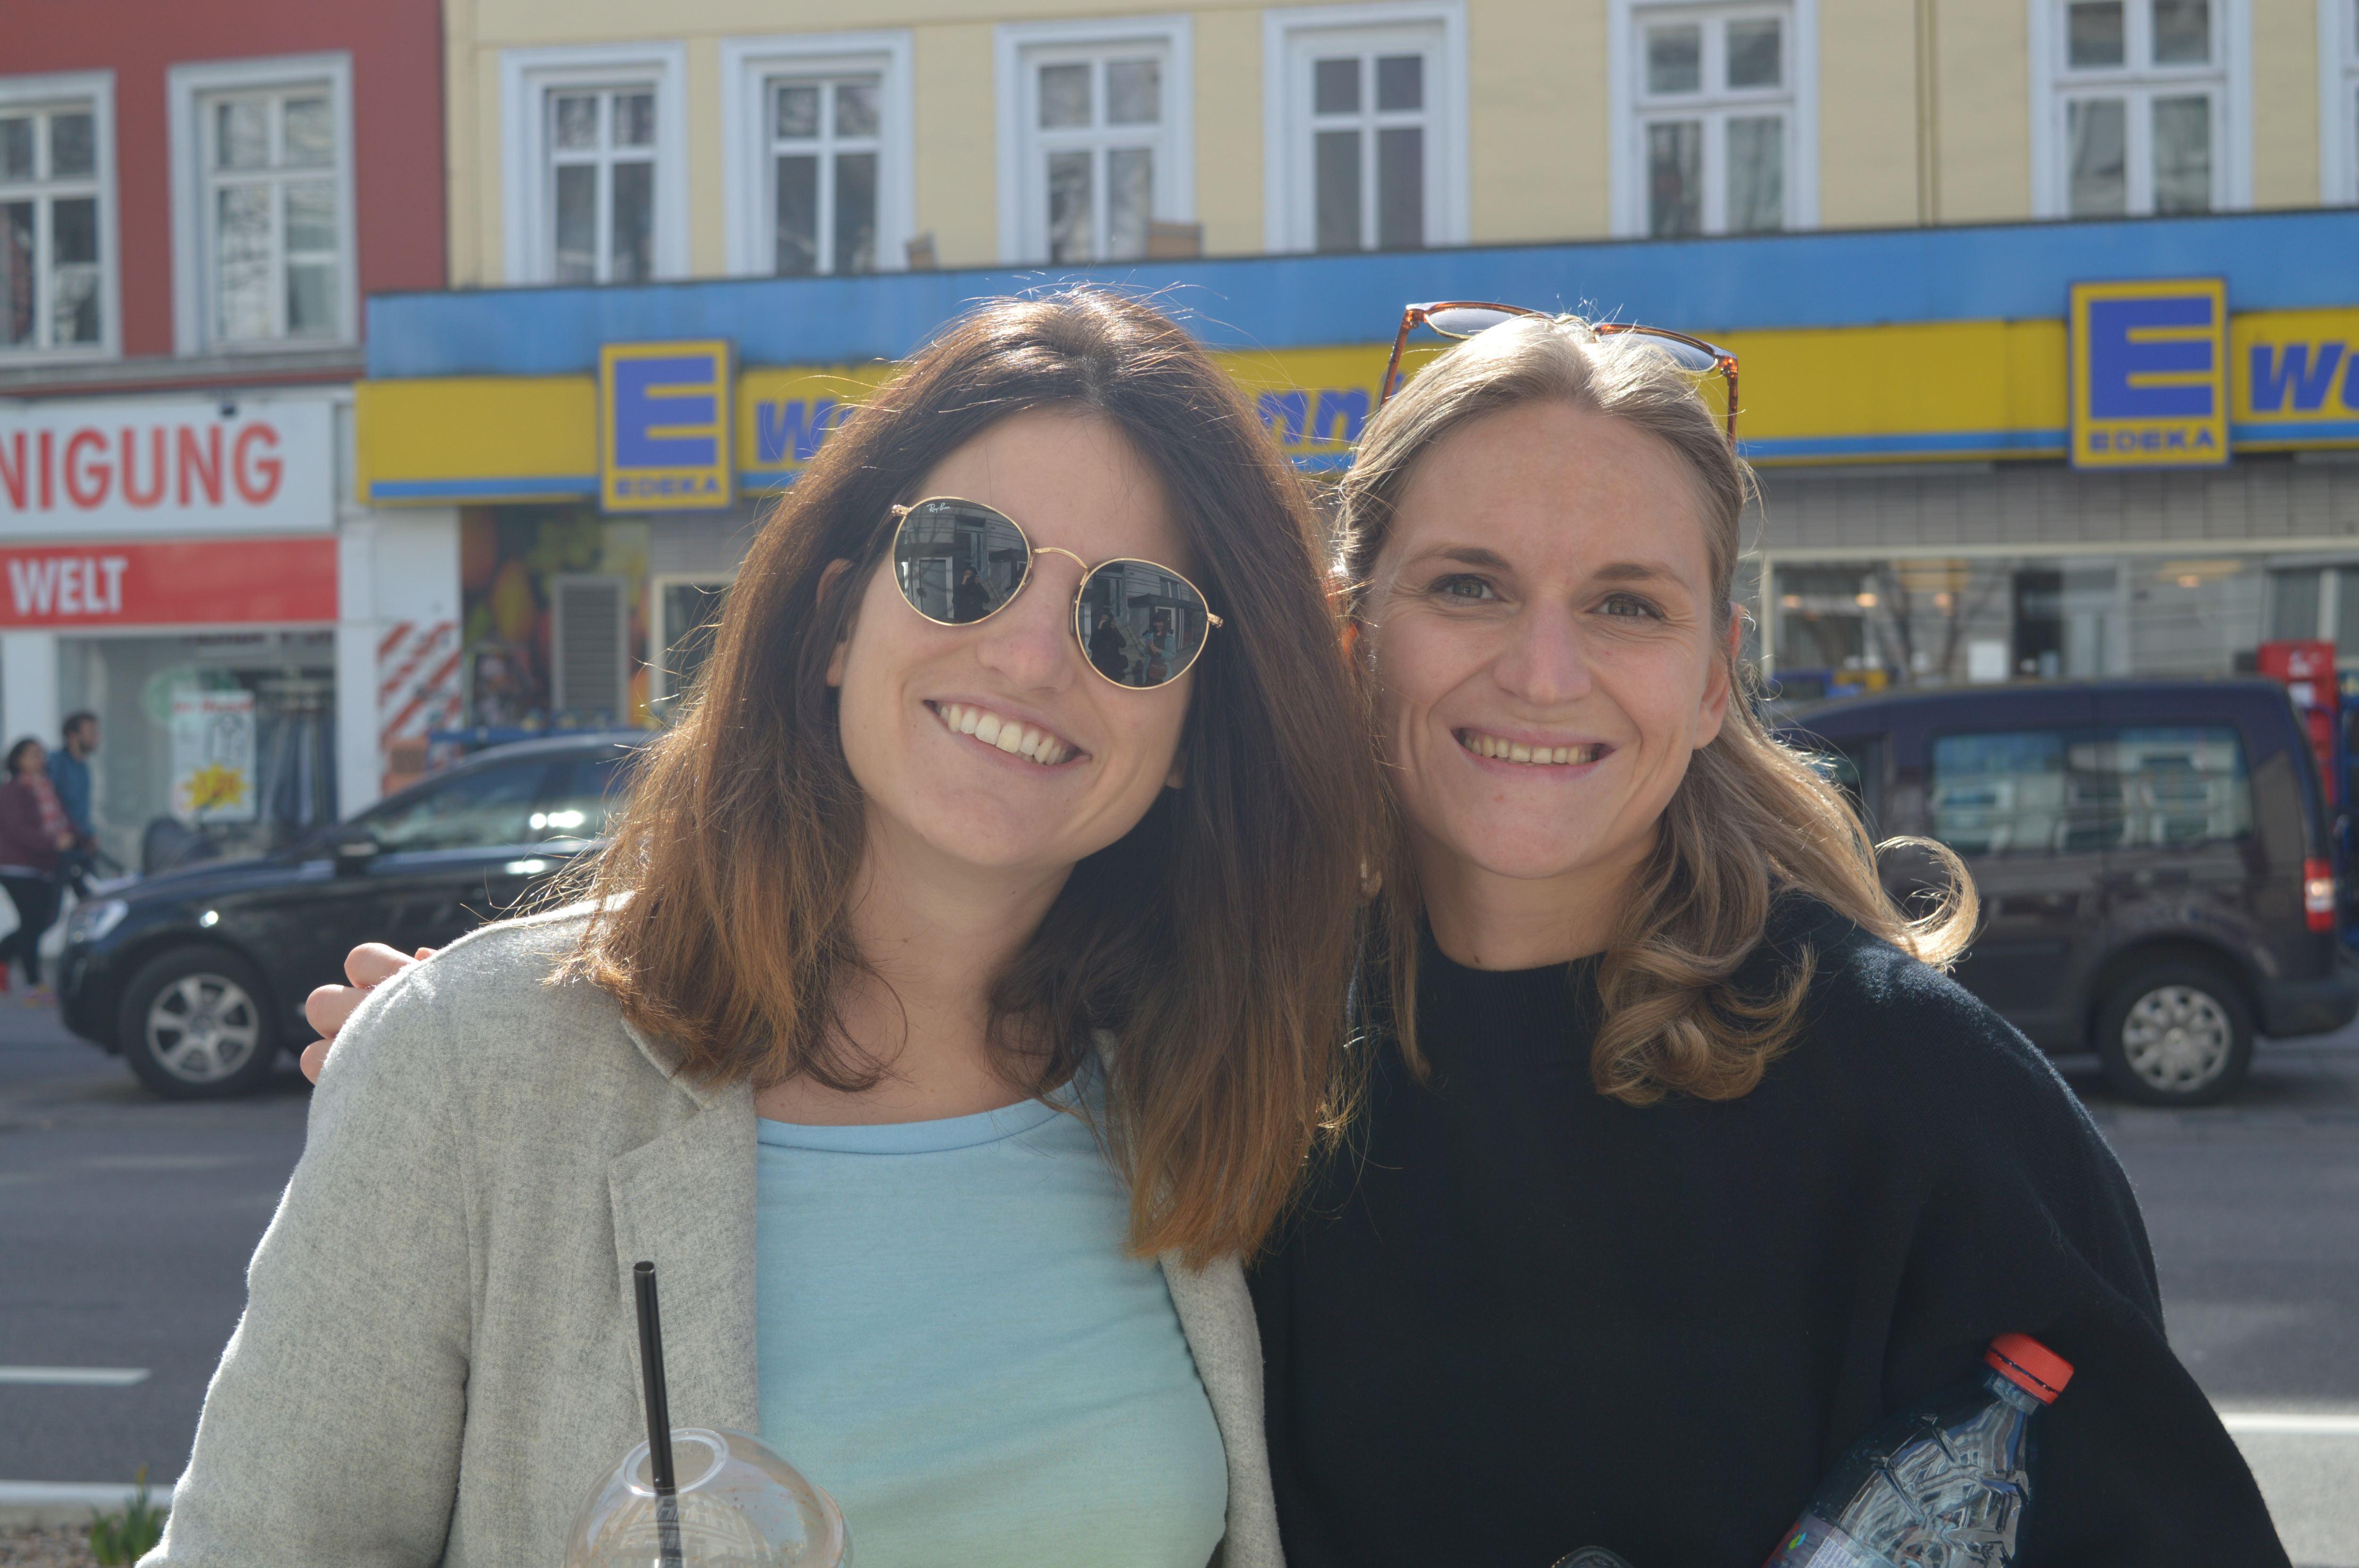 Hamburg Eimsbuettel Strassenumfrage Georgina und Birgit. Foto: Margarita Ilieva